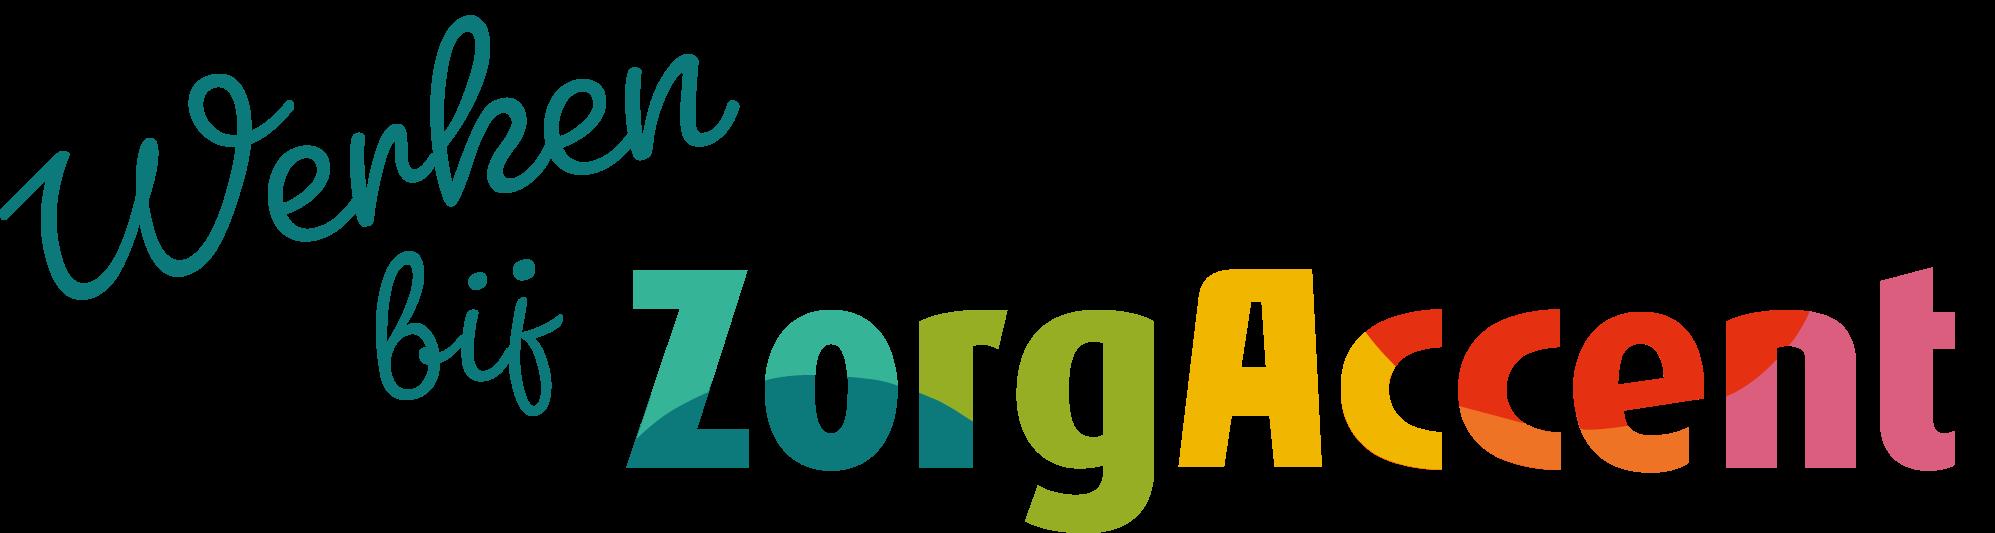 Logo werken bij ZorgAccent